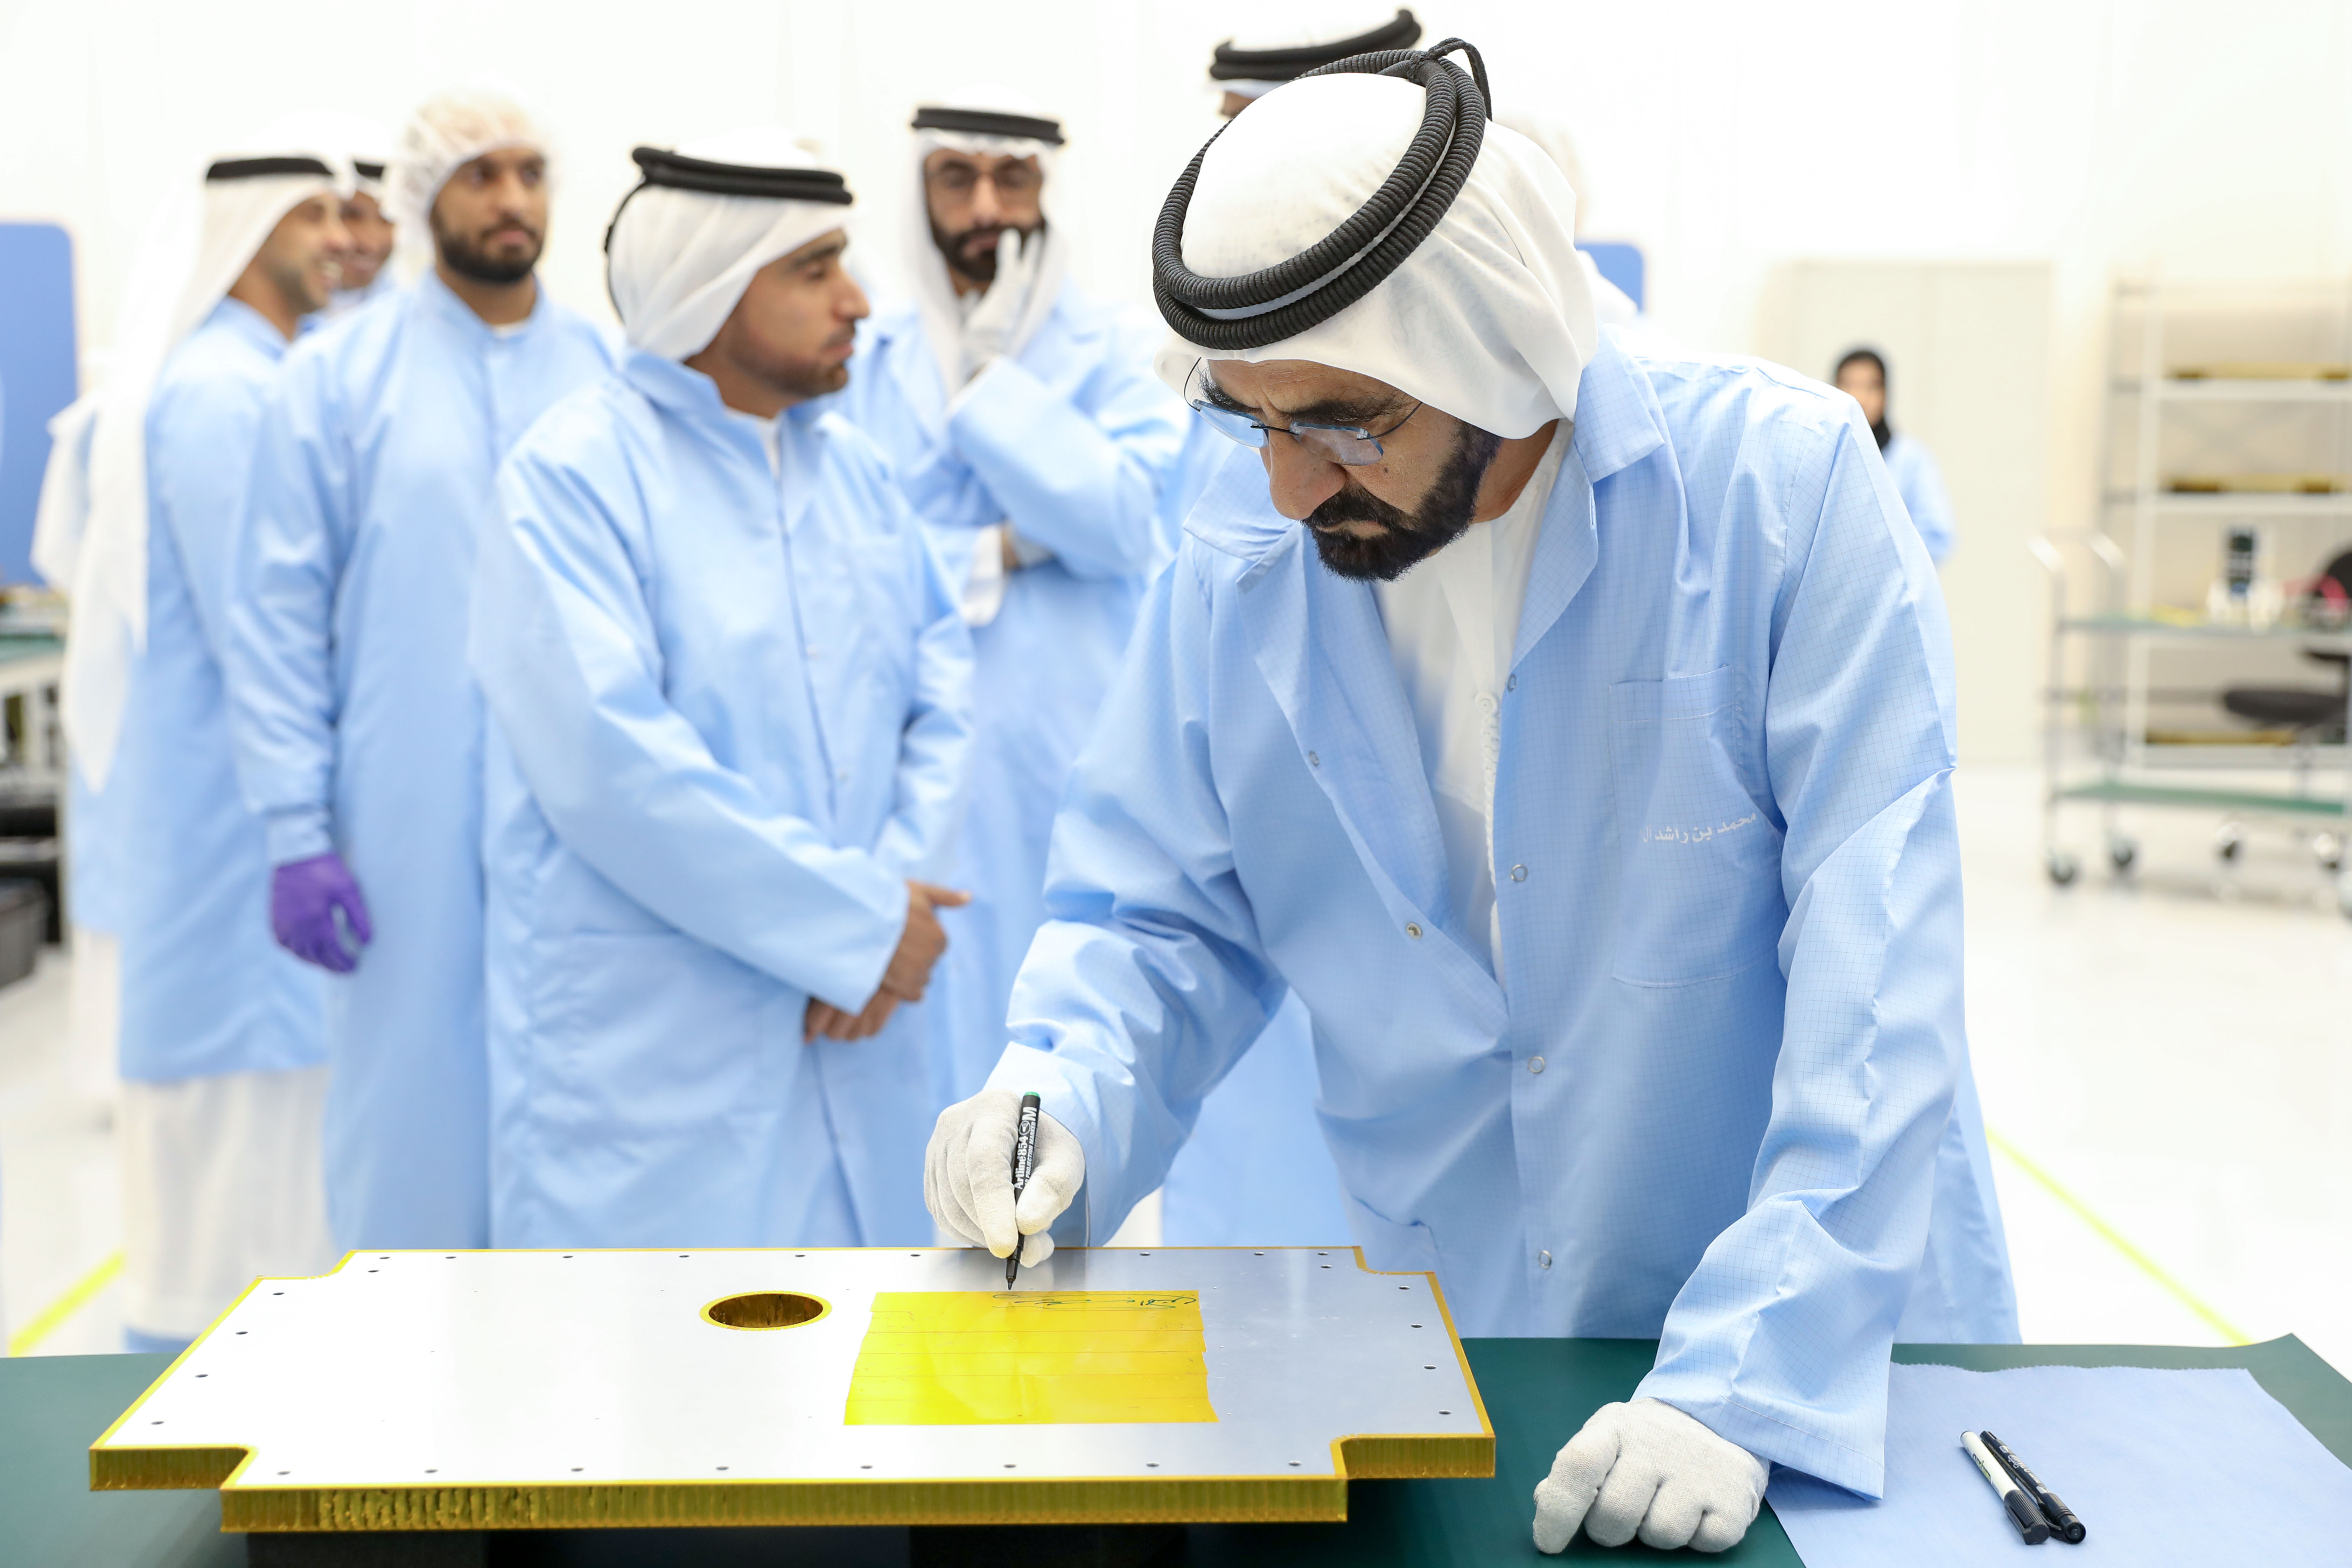 """حمدان بن محمد: """"خليفة سات"""" يُشكل خطوة مهمة لترسيخ مكانة الإمارات كدولة رائدة في مجال علوم الفضاء"""""""